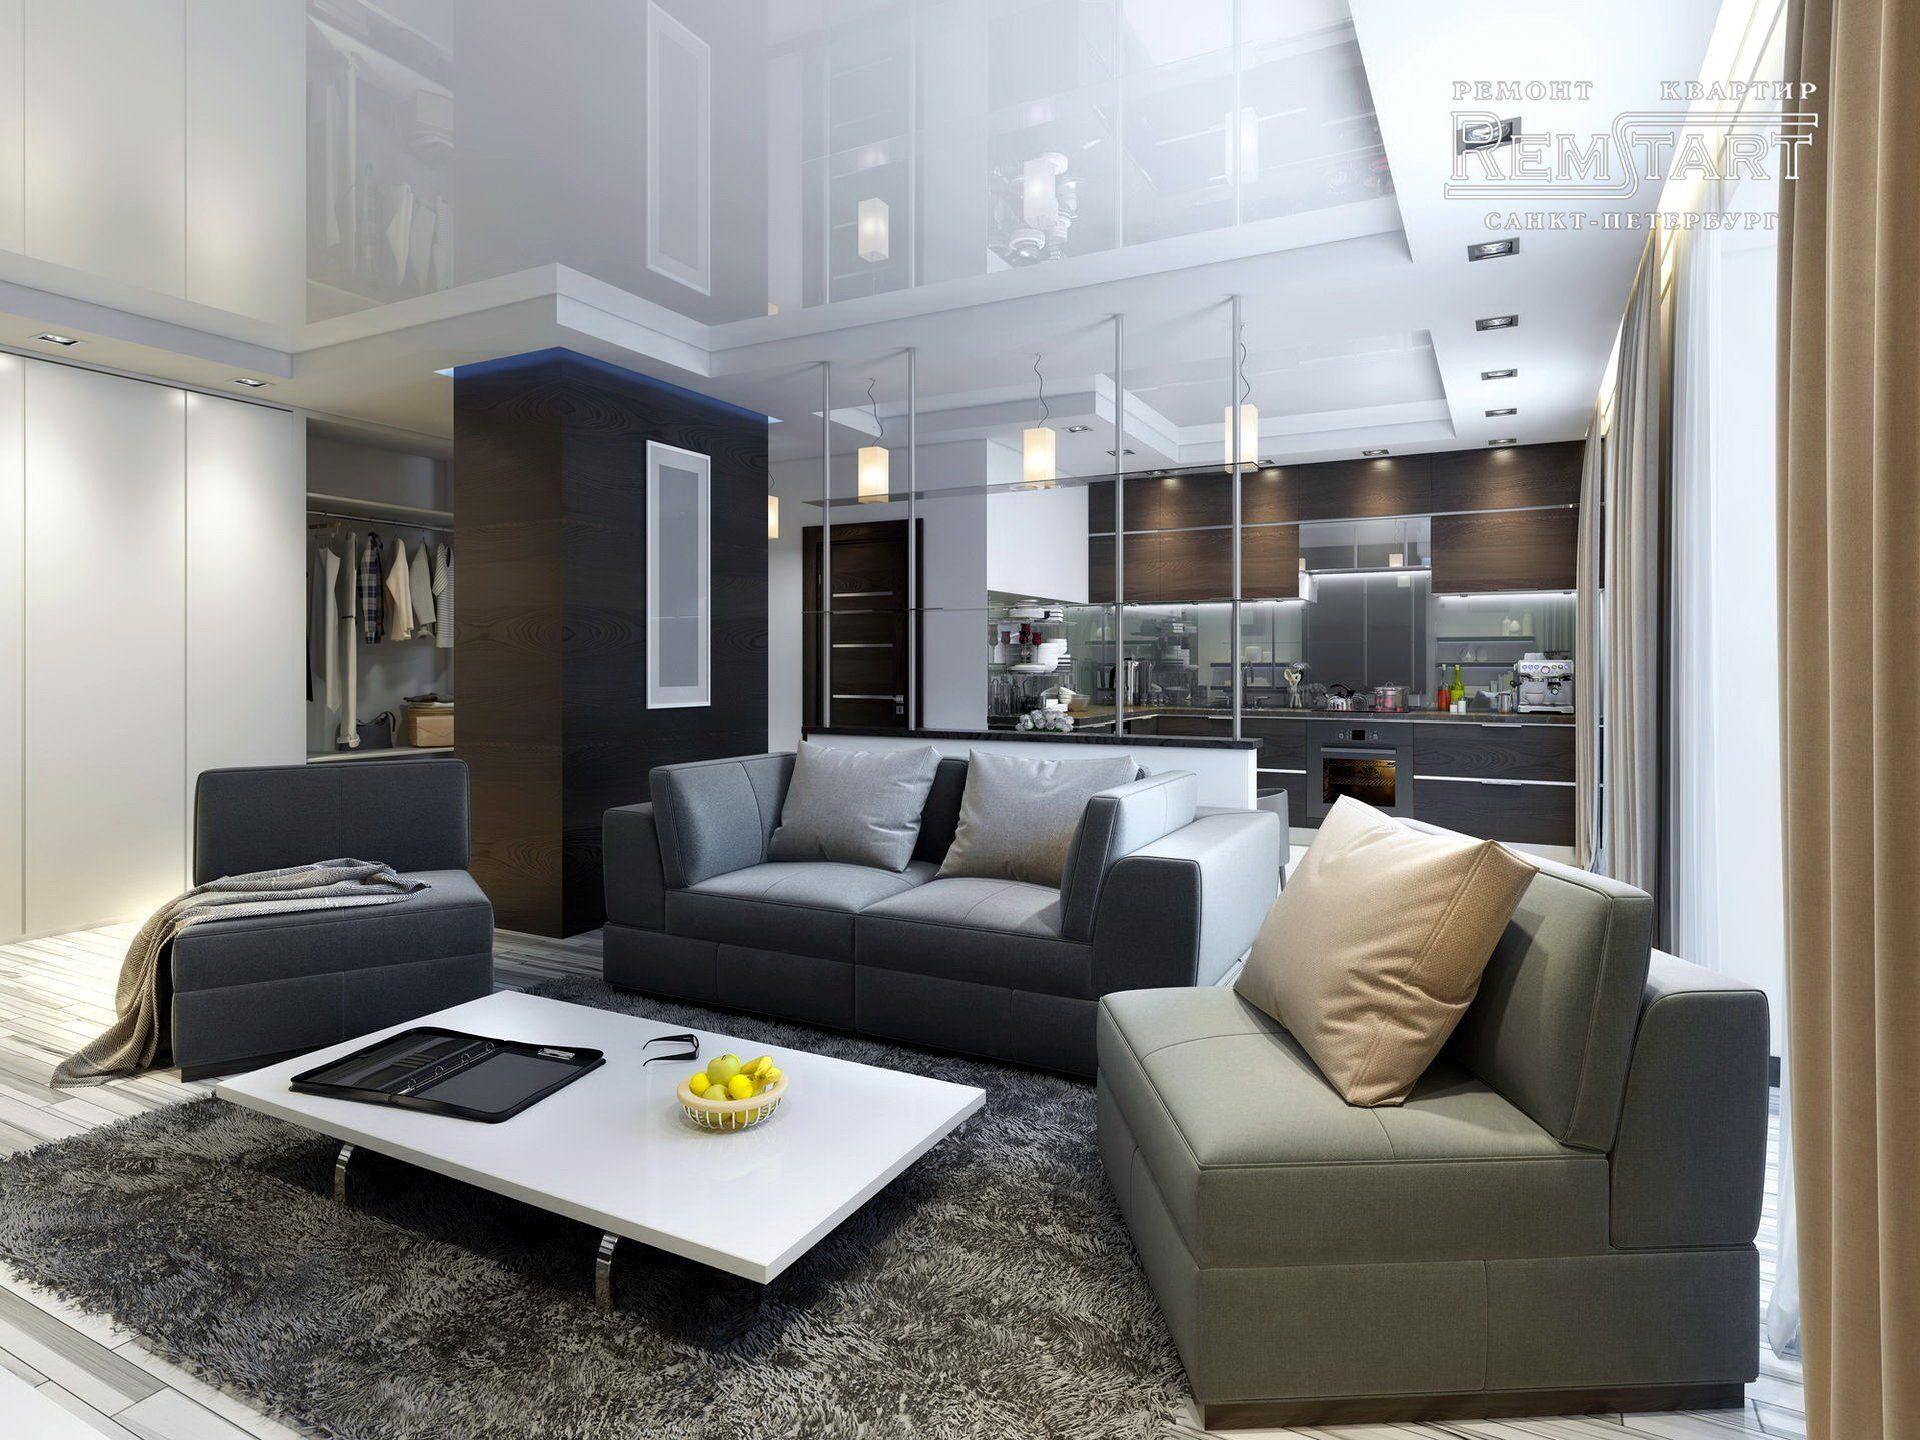 Дизайн интерьера гостиной - Ремстарт